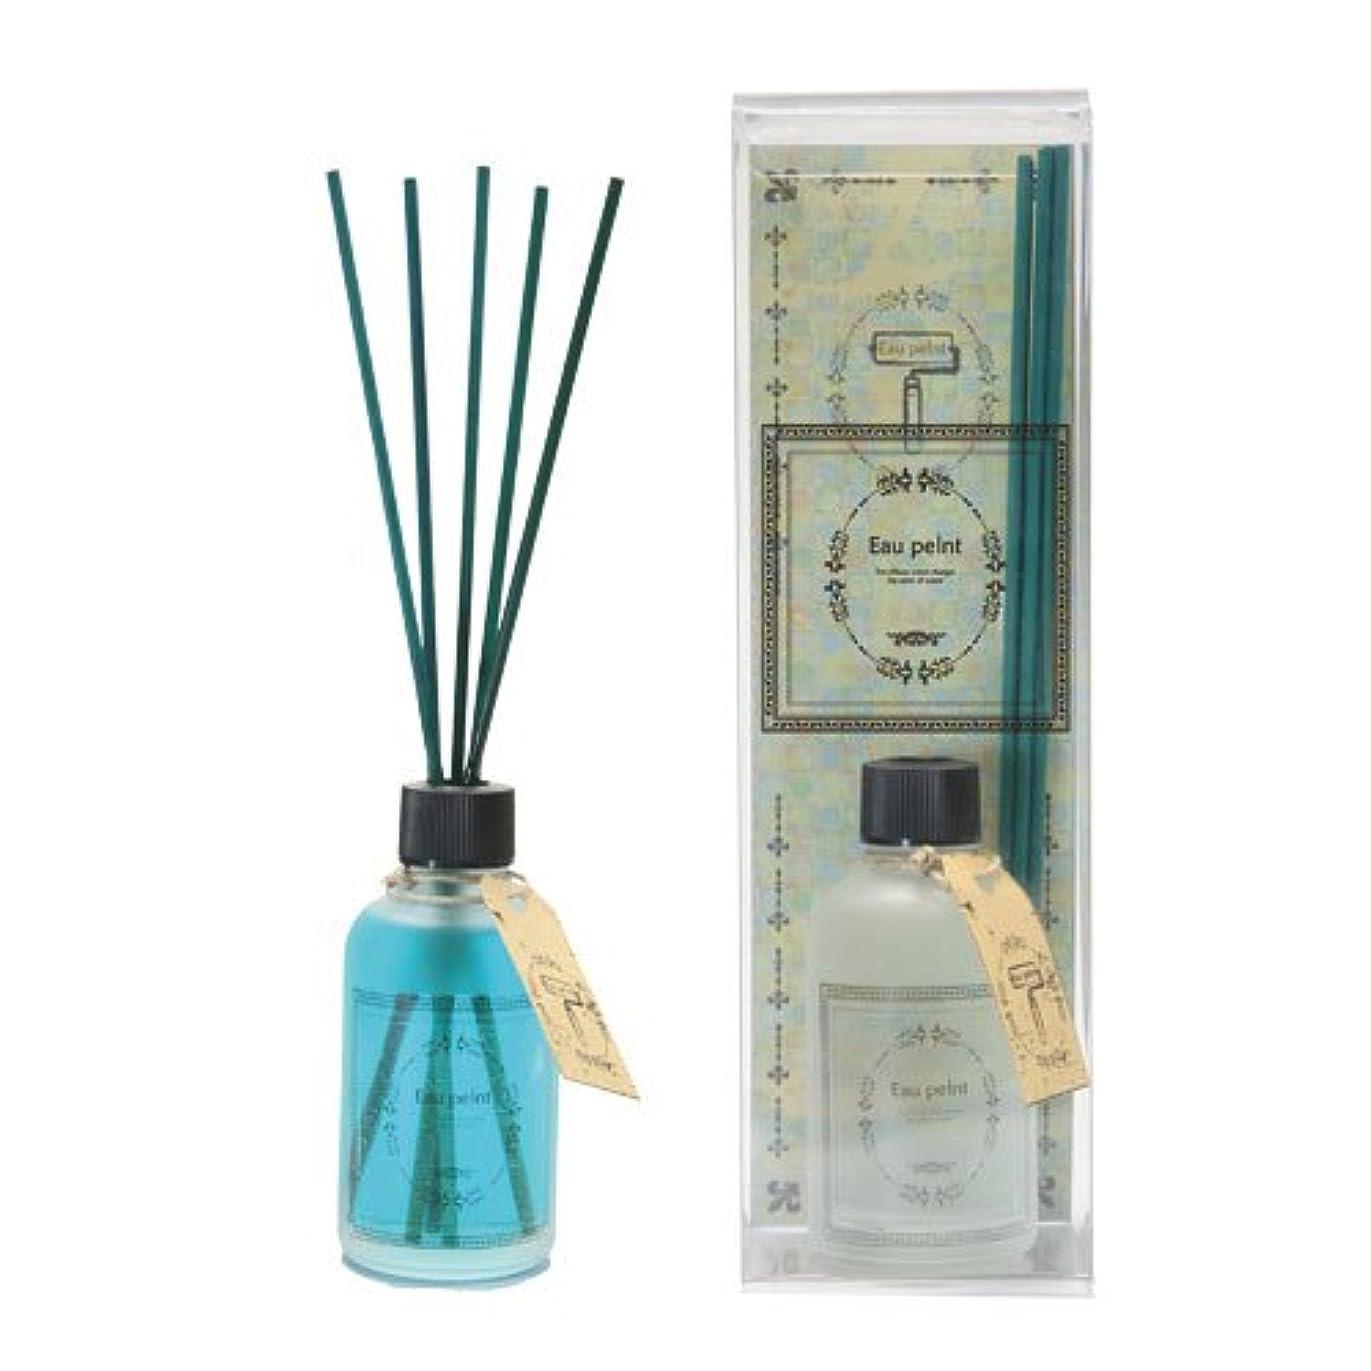 の間でバッテリー耳Eau peint オーペイント リードディフューザー 60ml ターコイズグラス(Turquoise grass)